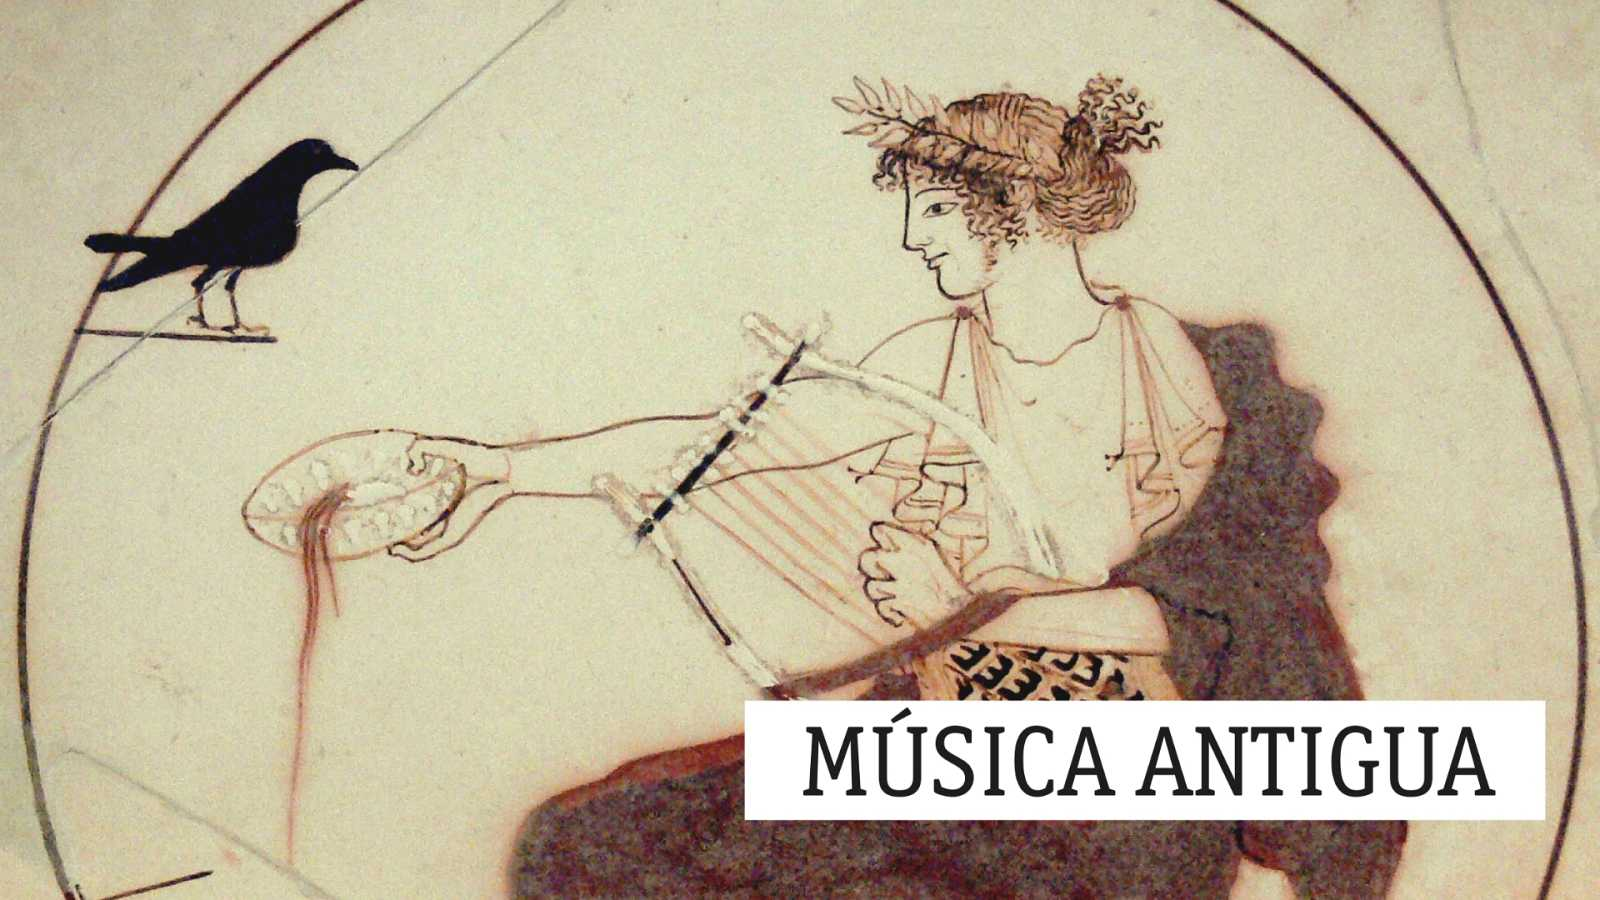 Música antigua - Los olvidados (I) - 20/04/21 - escuchar ahora